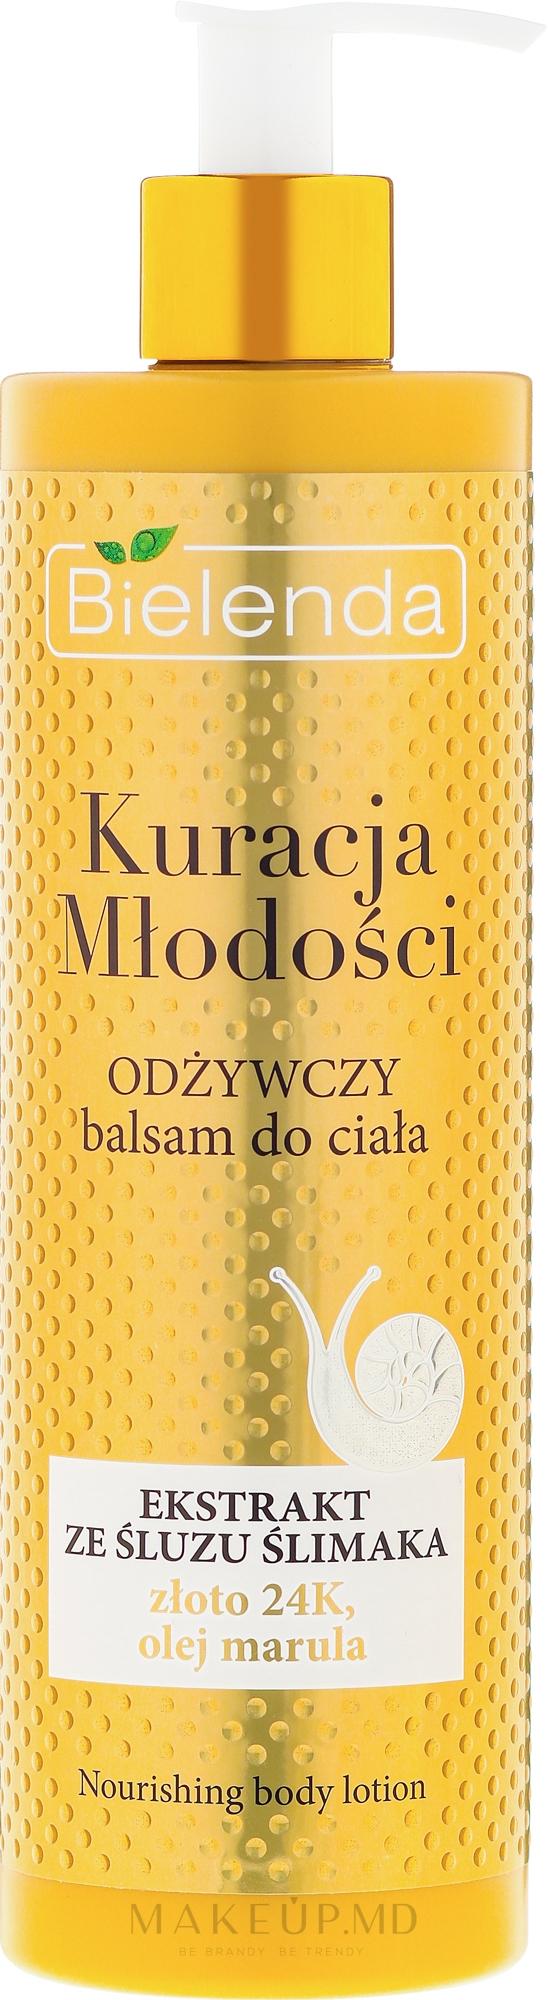 Лосьон для тела питательный - Bielenda Kuracja Mlodosci Nourishing Body Lotion — фото 400 ml